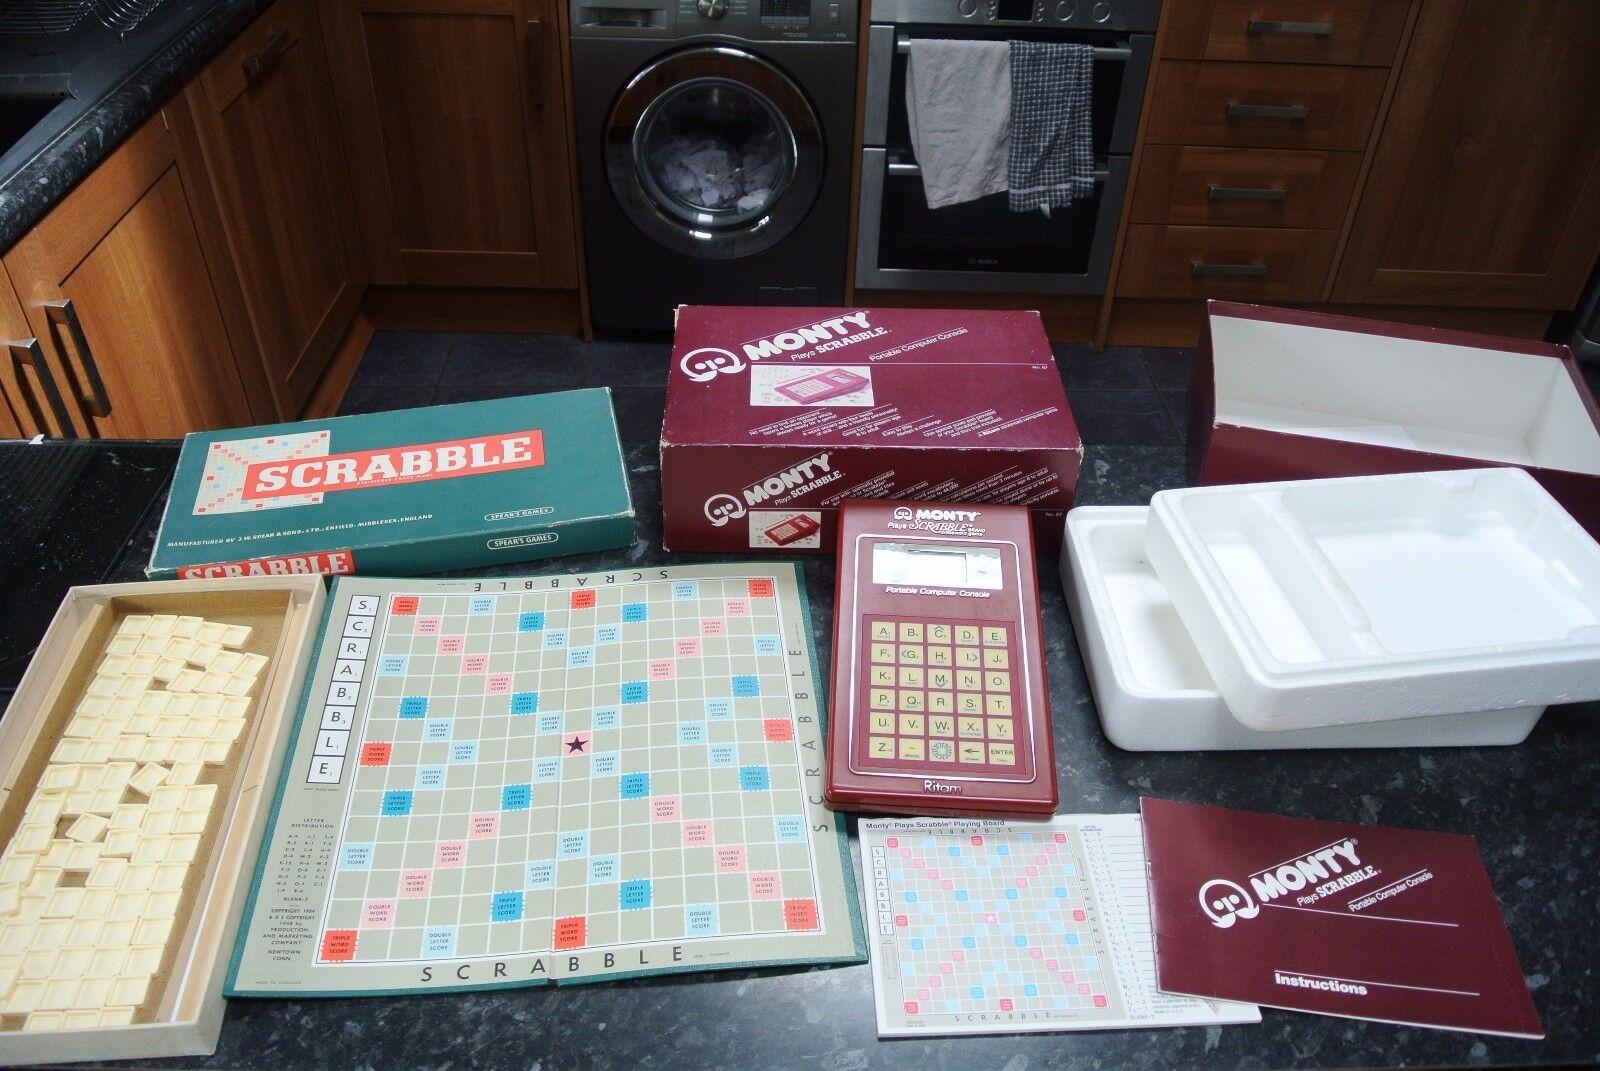 Vintage 1950s Scrabble Set & MONTY Plays Scrabble Computer Component